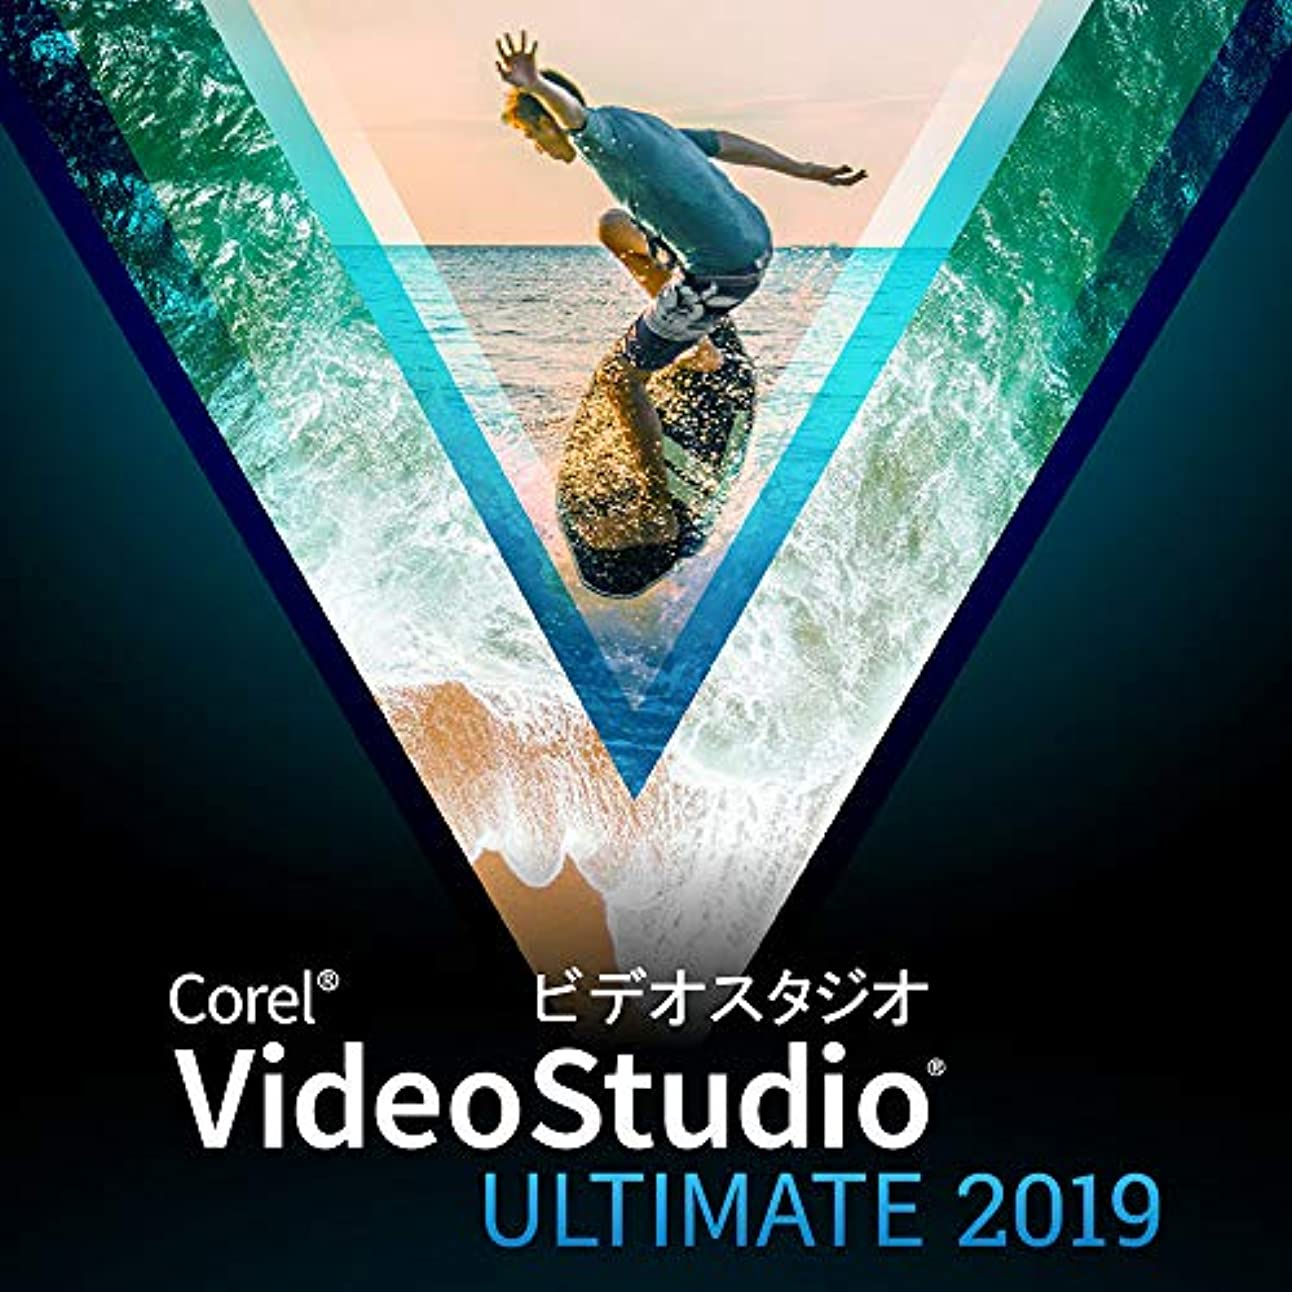 産地確かな針Corel VideoStudio Ultimate 2019 通常版|ダウンロード版